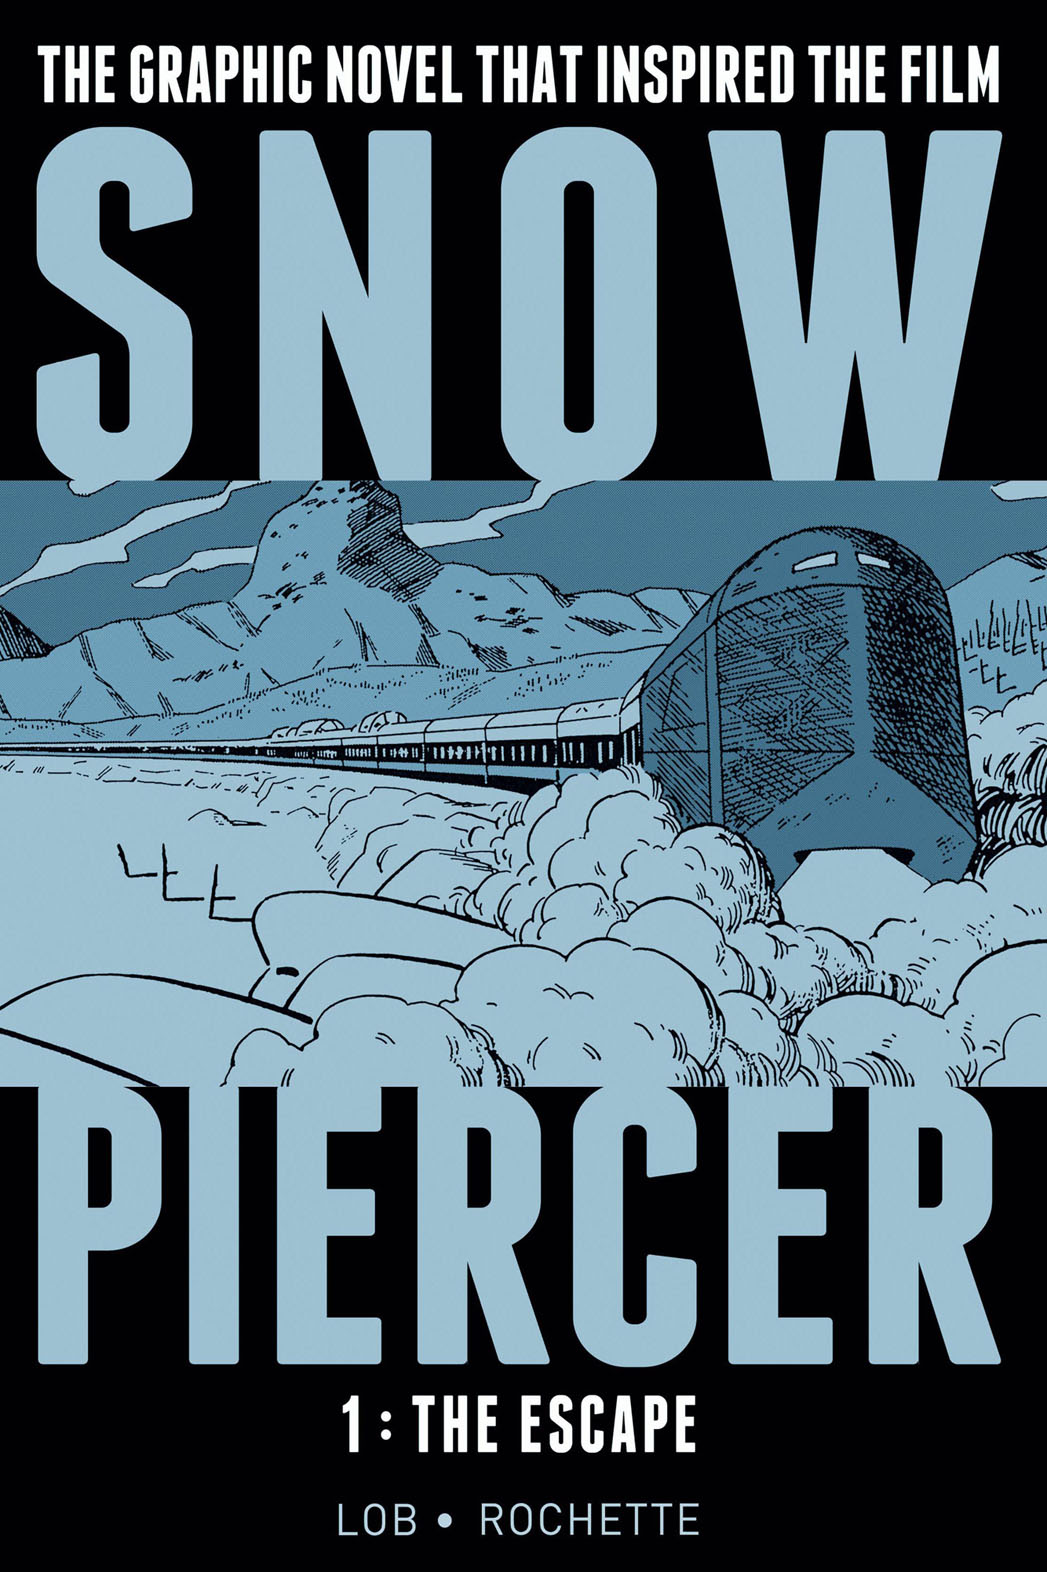 Snowpiercer Vol. 1 The Escape cover - P 2013